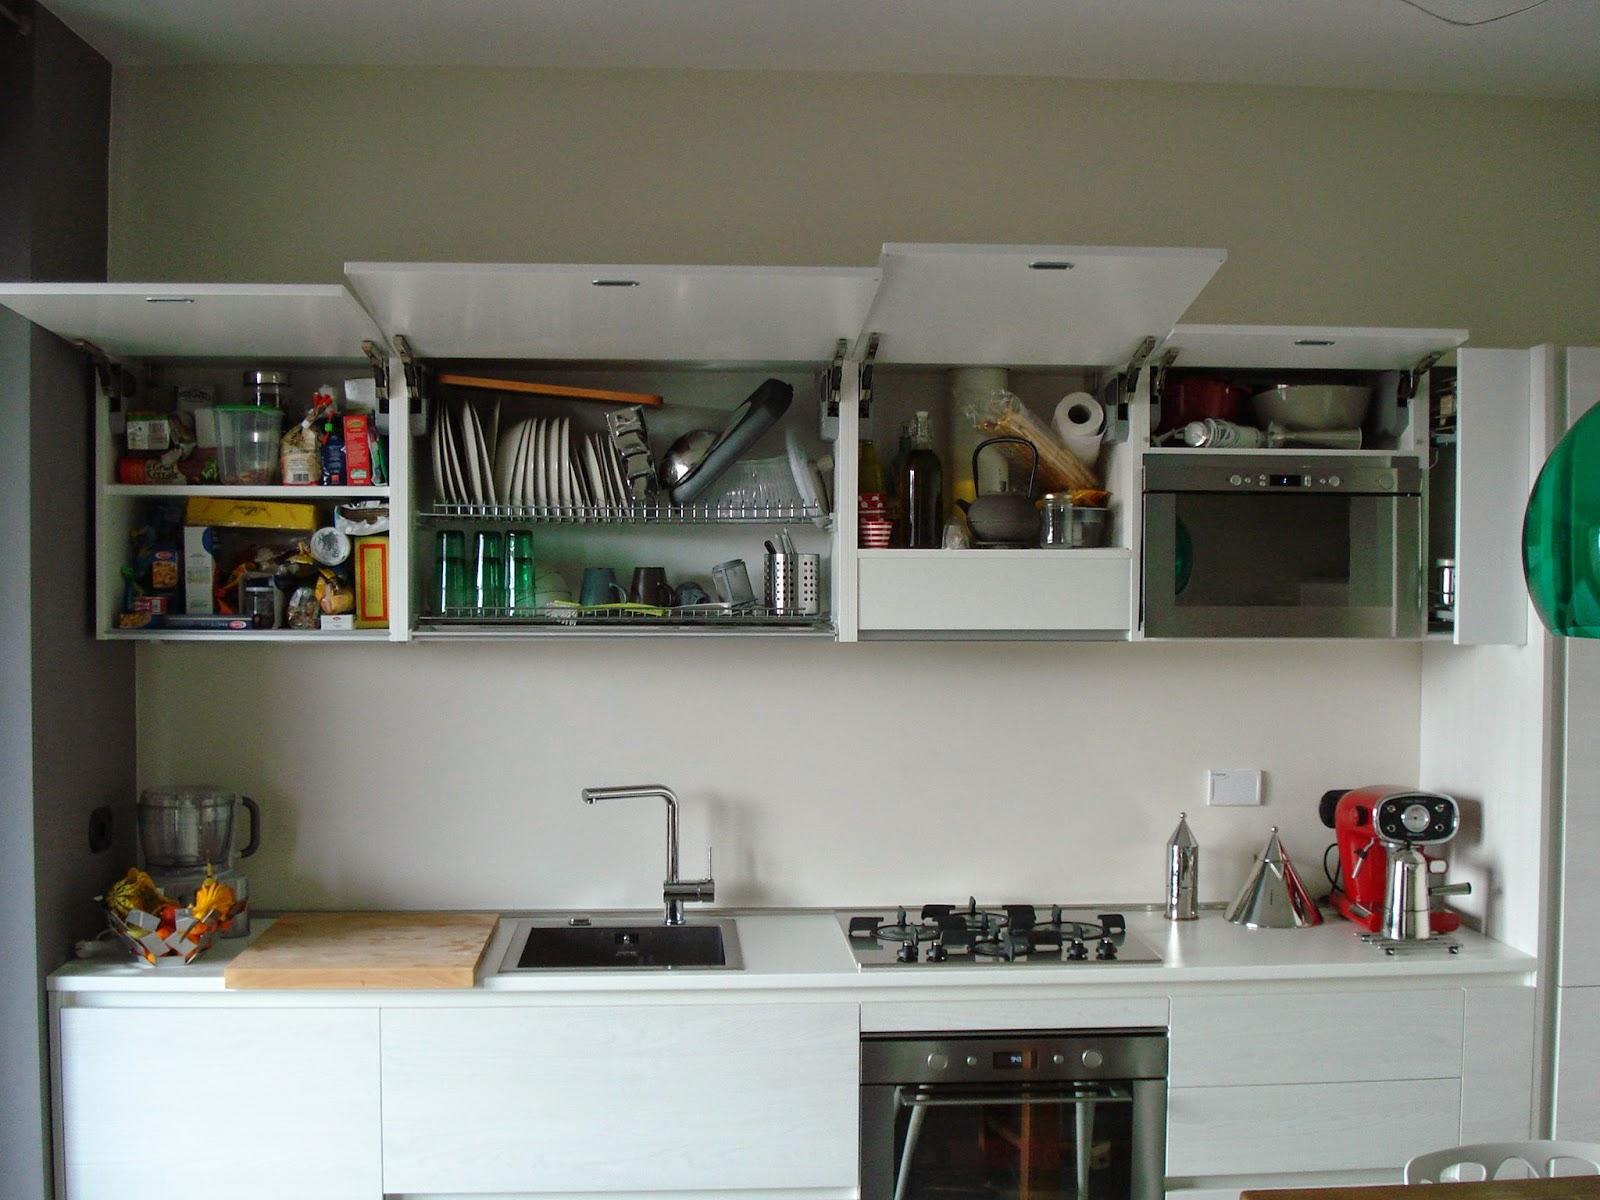 Forum progetto cucina lineare 3 45 mt - Mobile per lavastoviglie da incasso ...